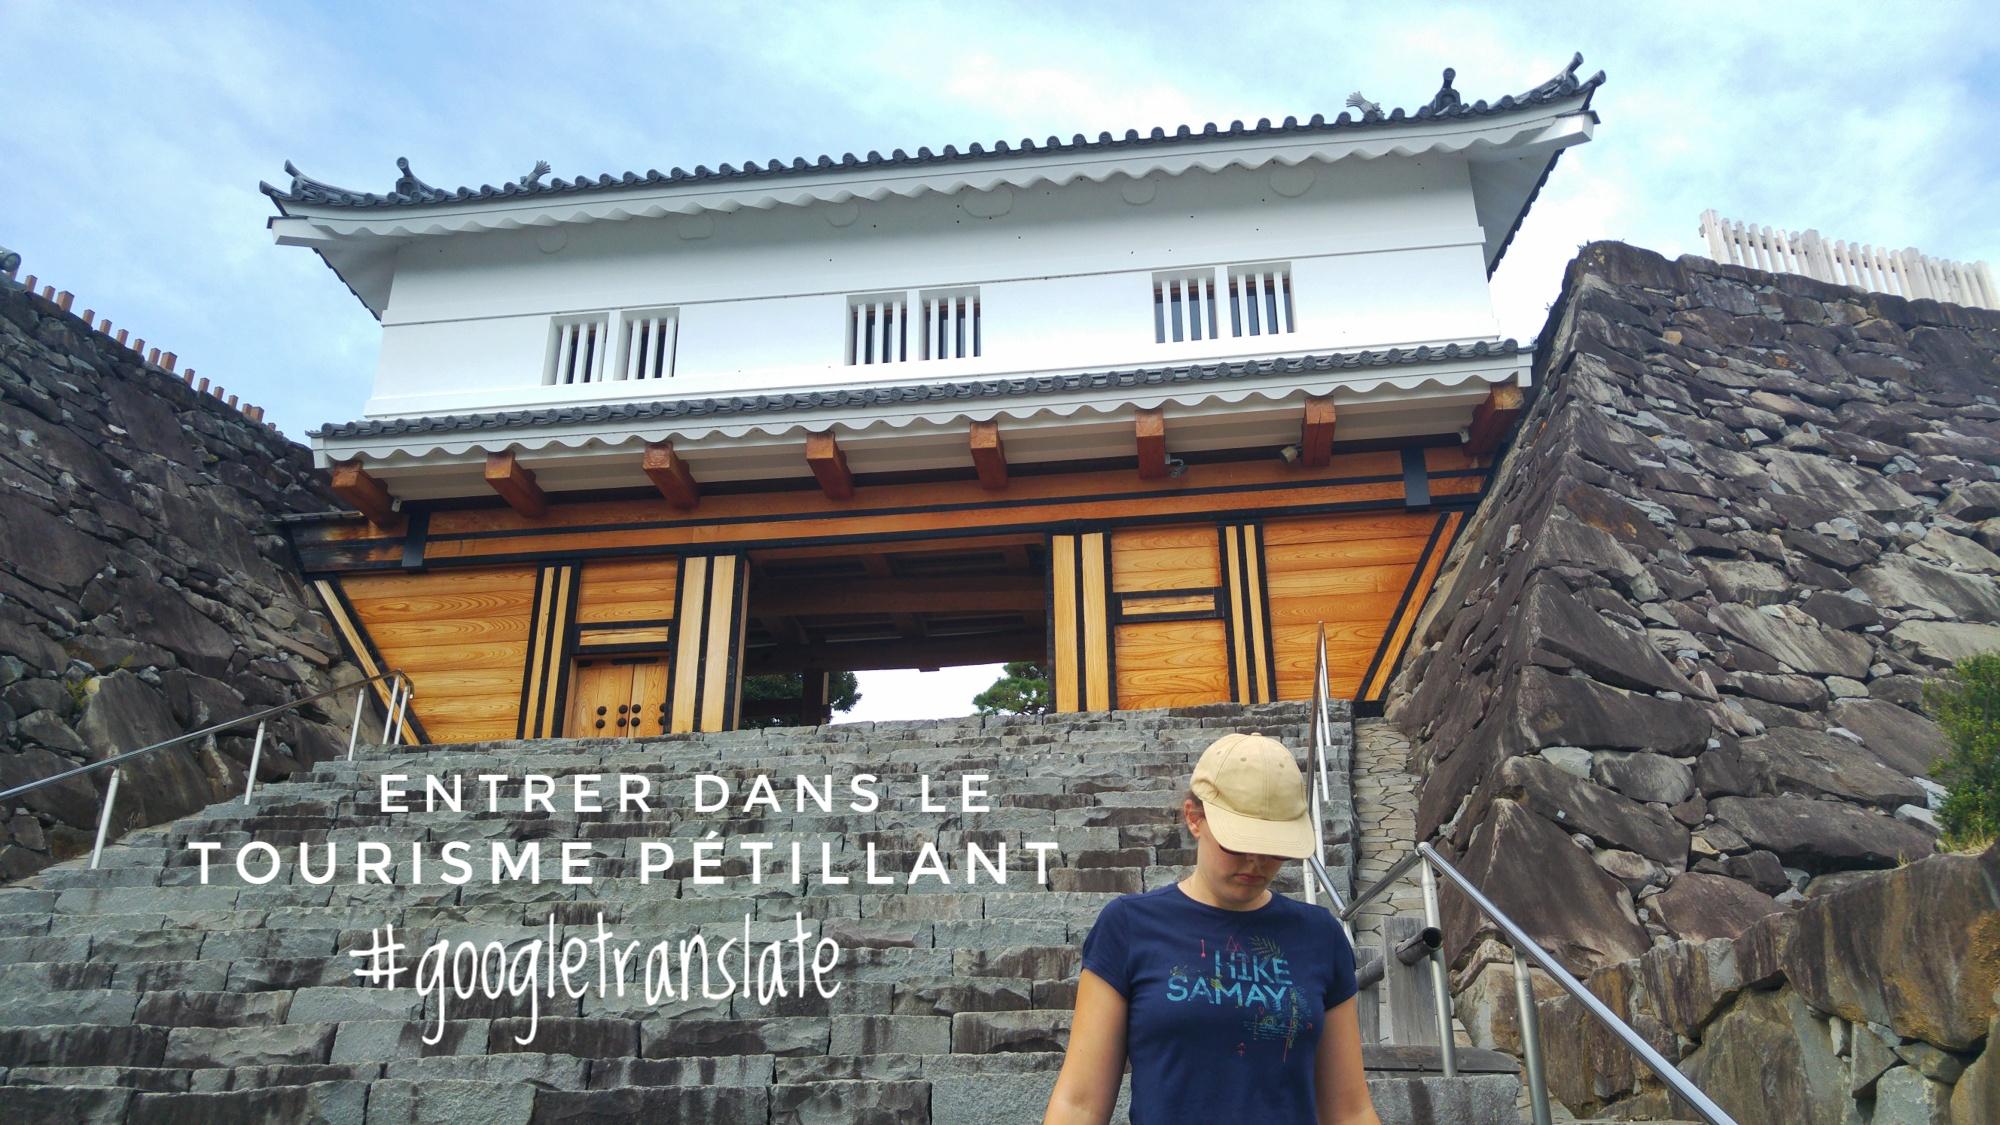 Porte du château de Kofu - citation de Google Translate